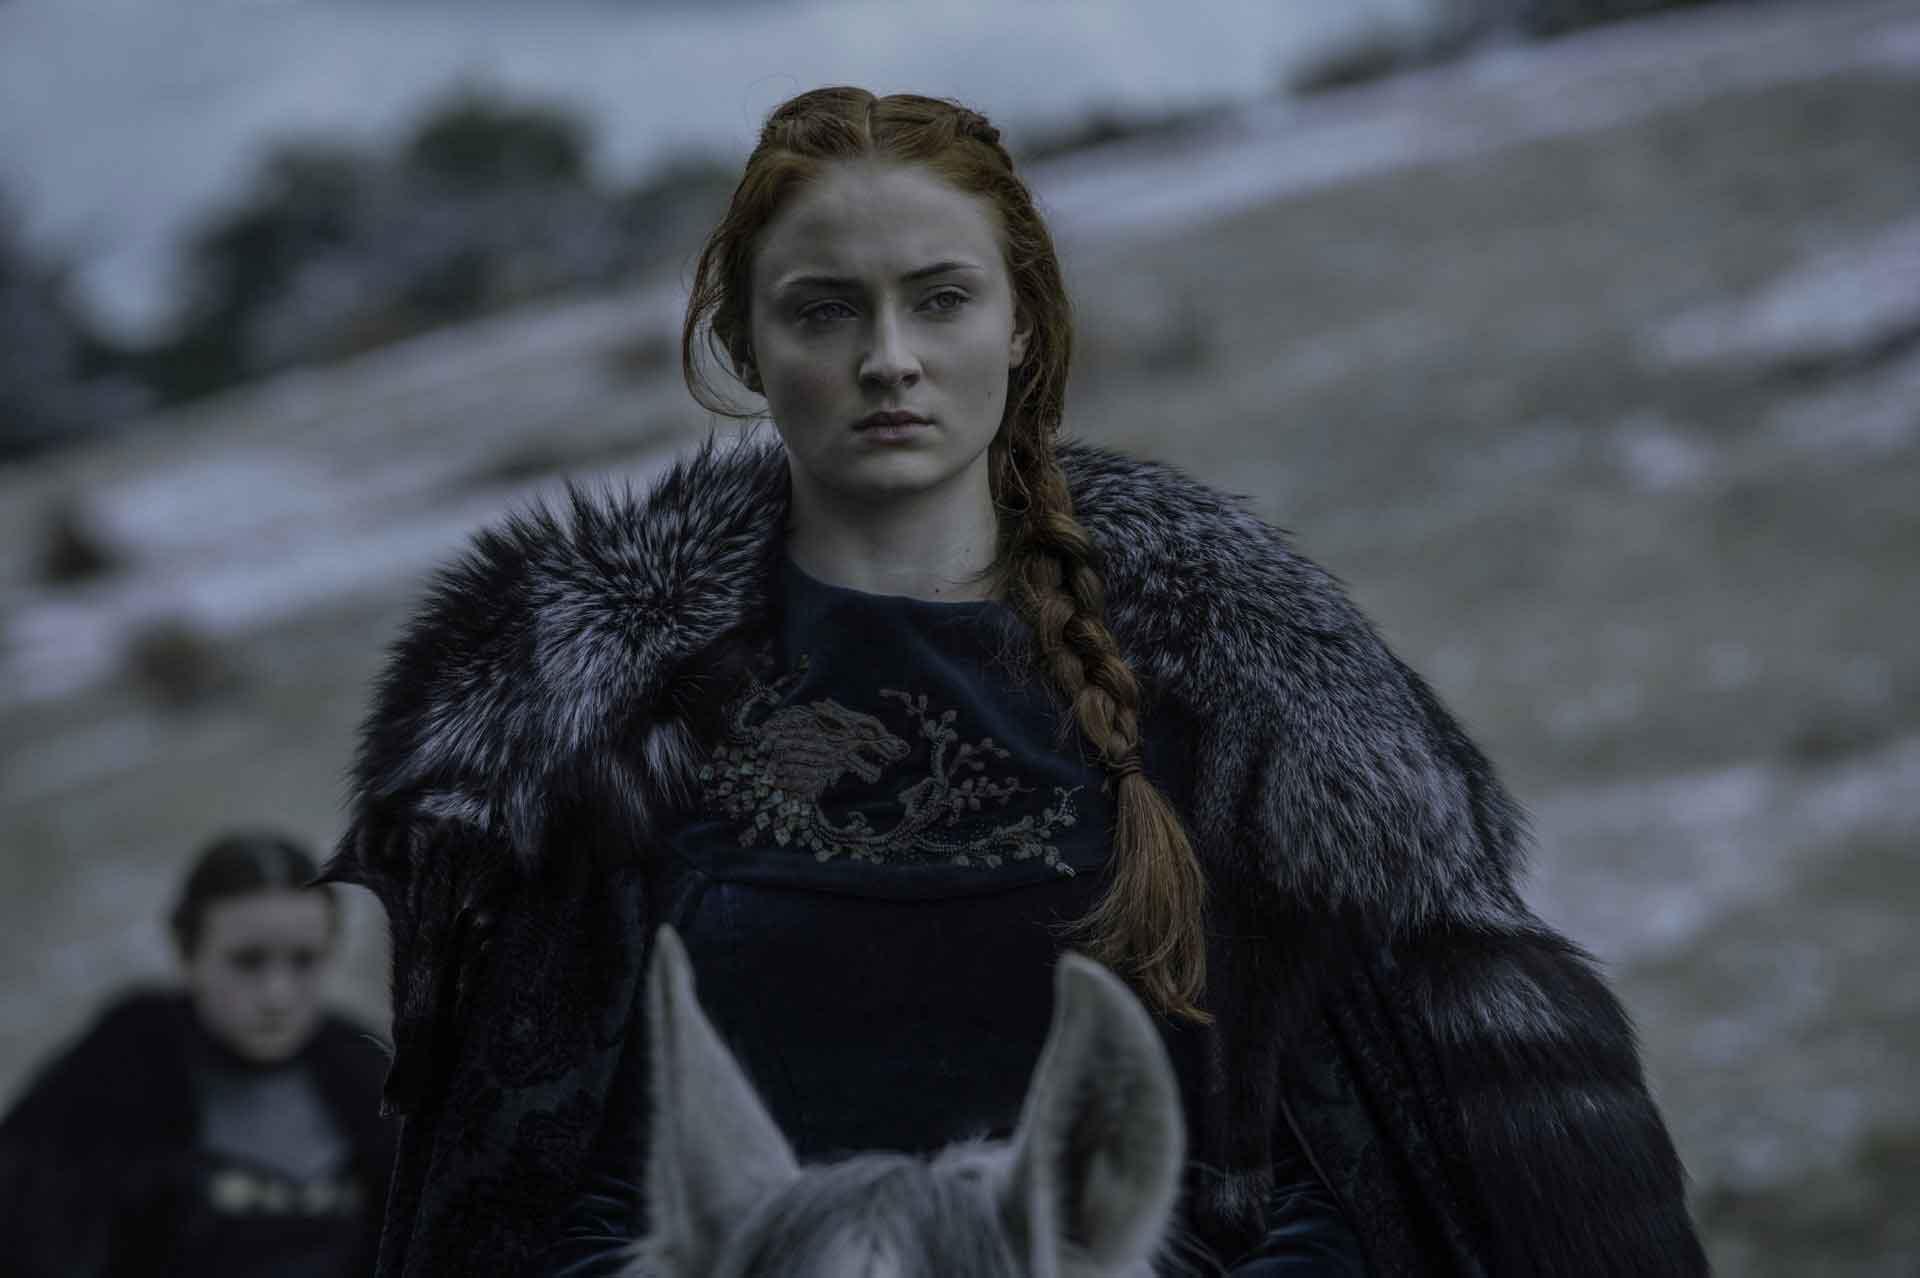 نقد و بررسی قسمت دوم فصل هشتم سریال گیم آف ترونز – Game of Thrones